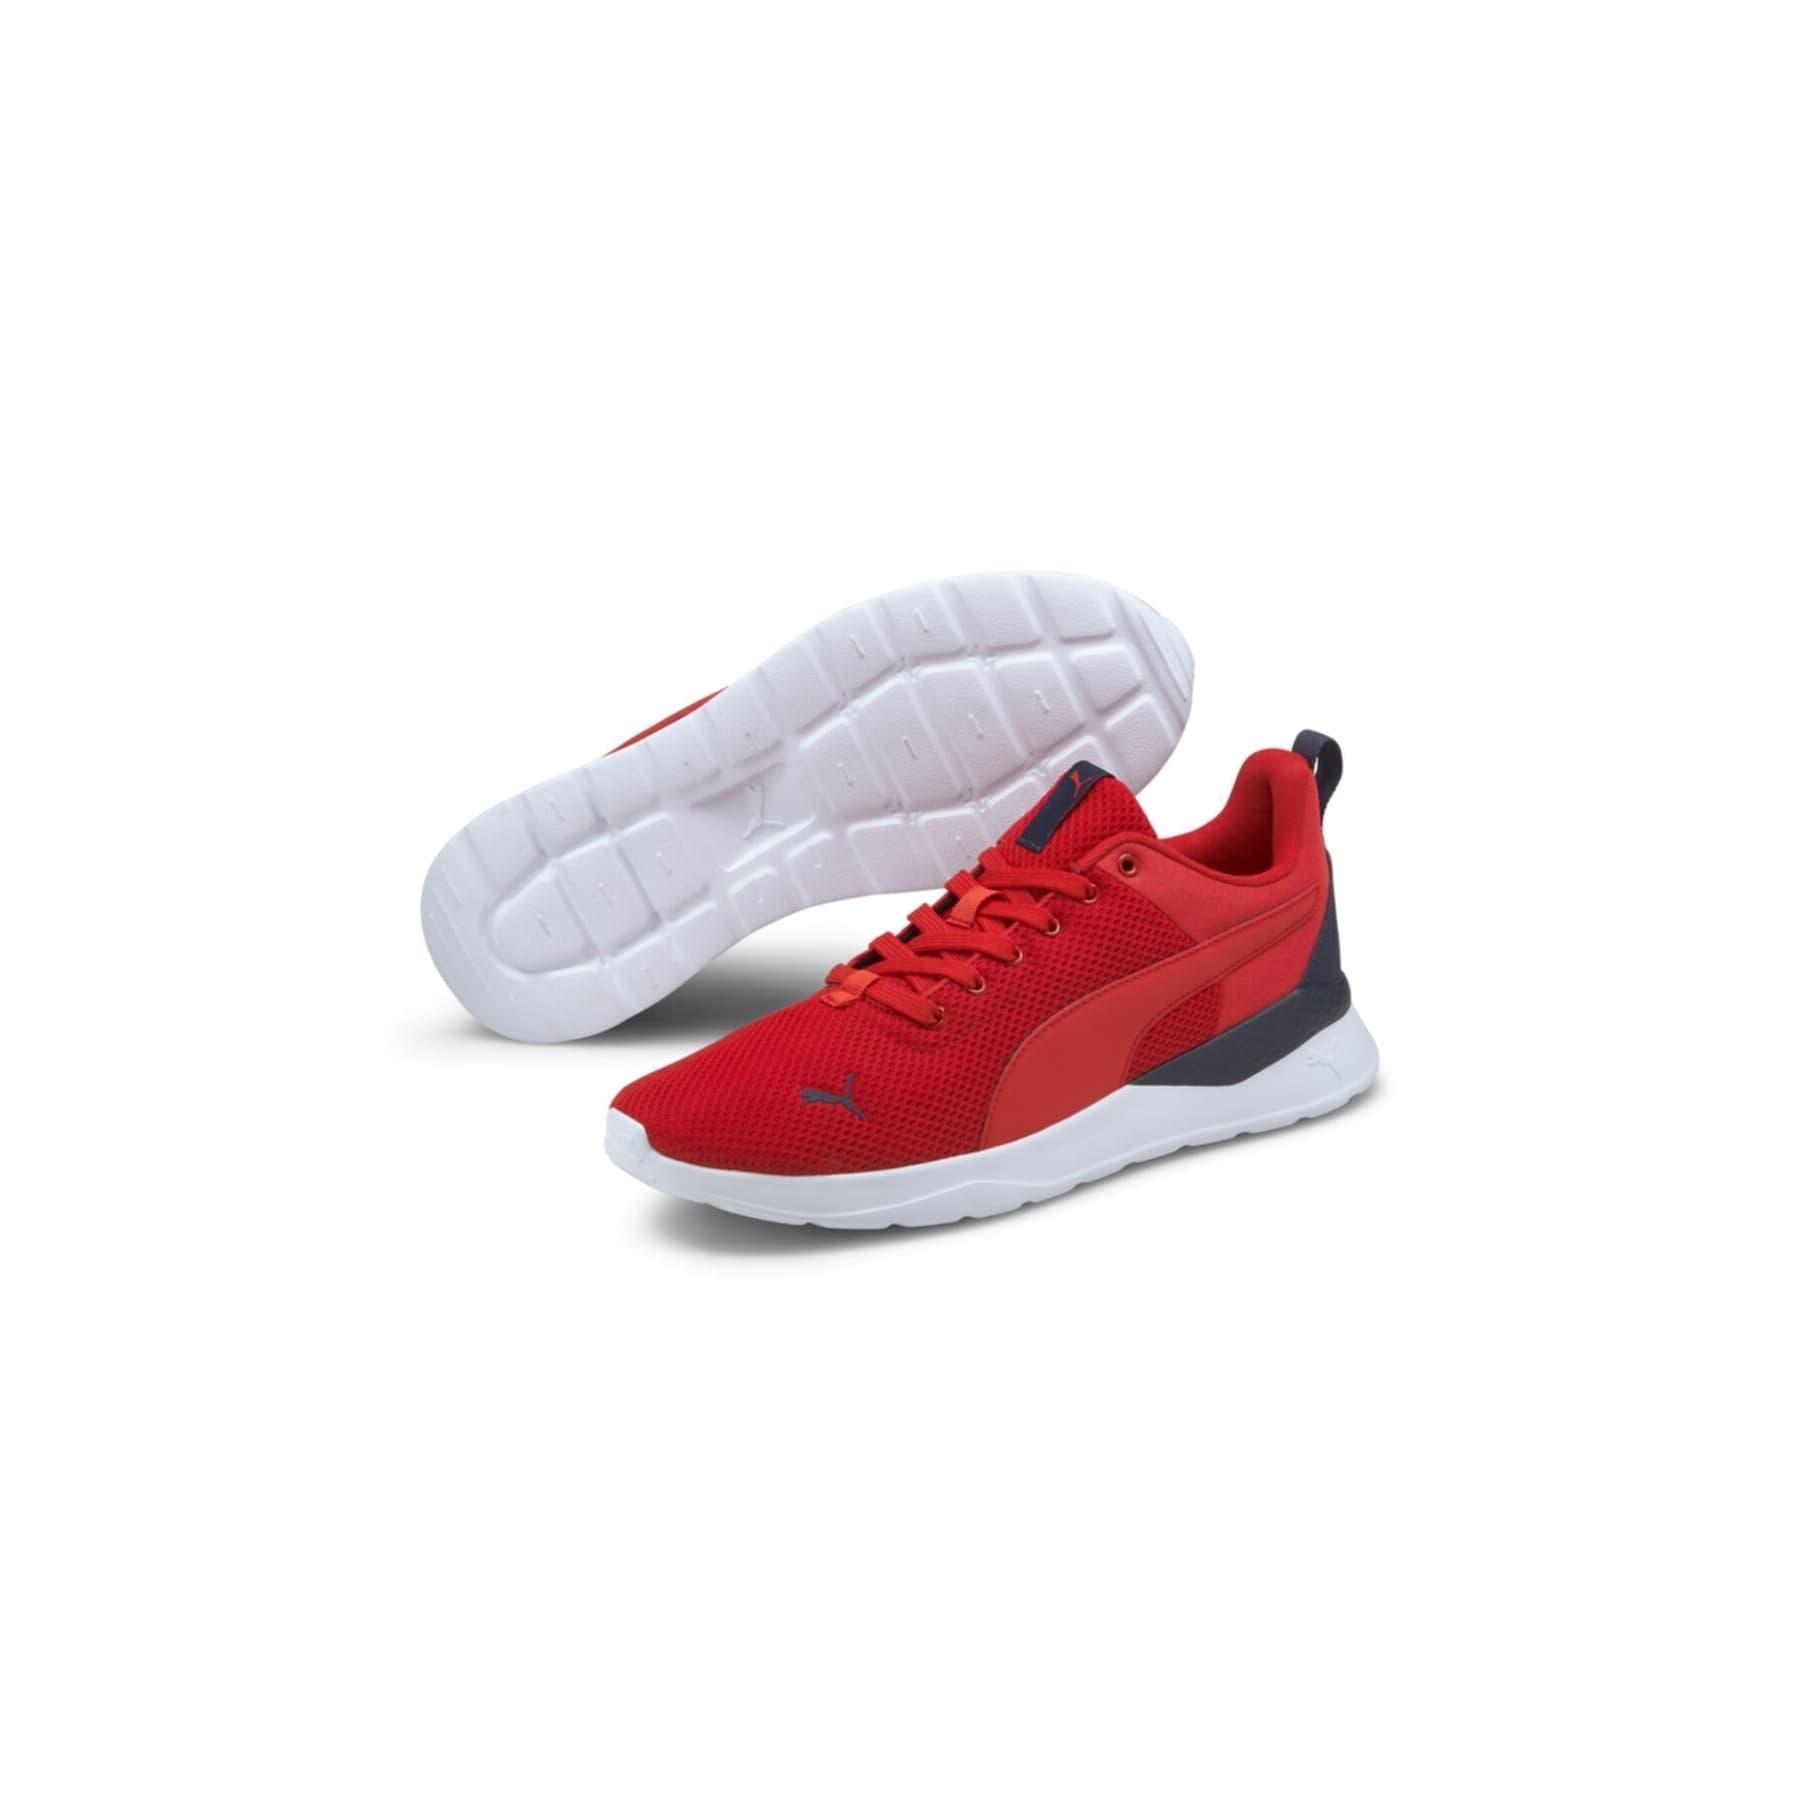 Anzarun Lite Kırmızı Spor Ayakkabı (371128-18)